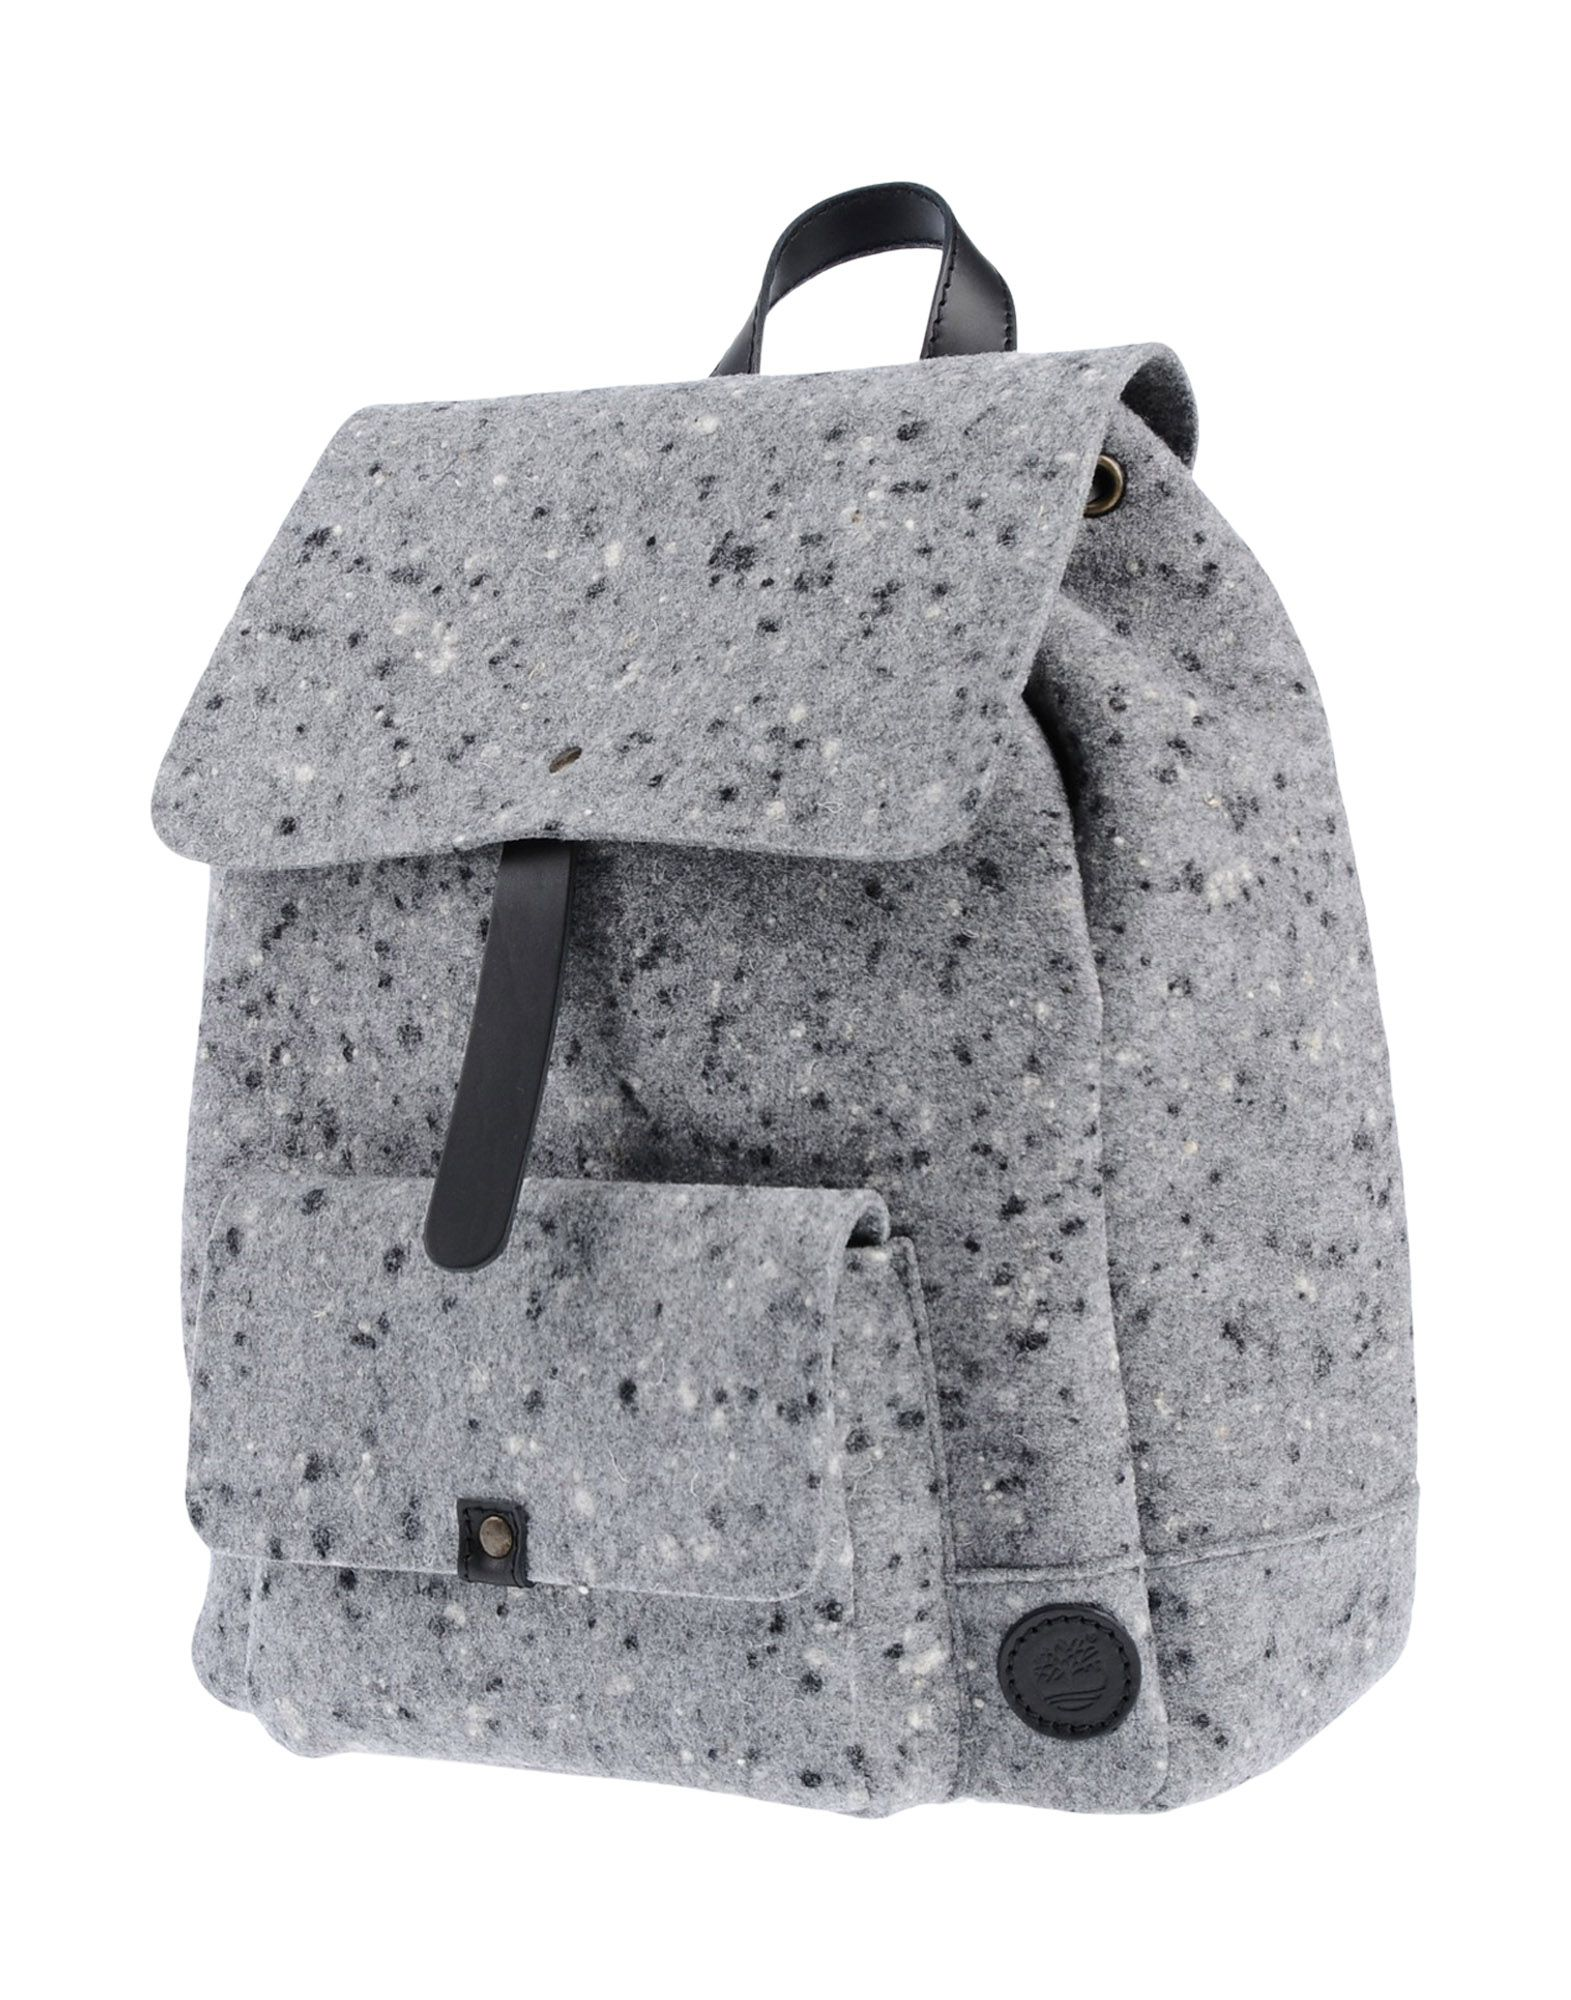 TIMBERLAND Рюкзаки и сумки на пояс мужские сумки